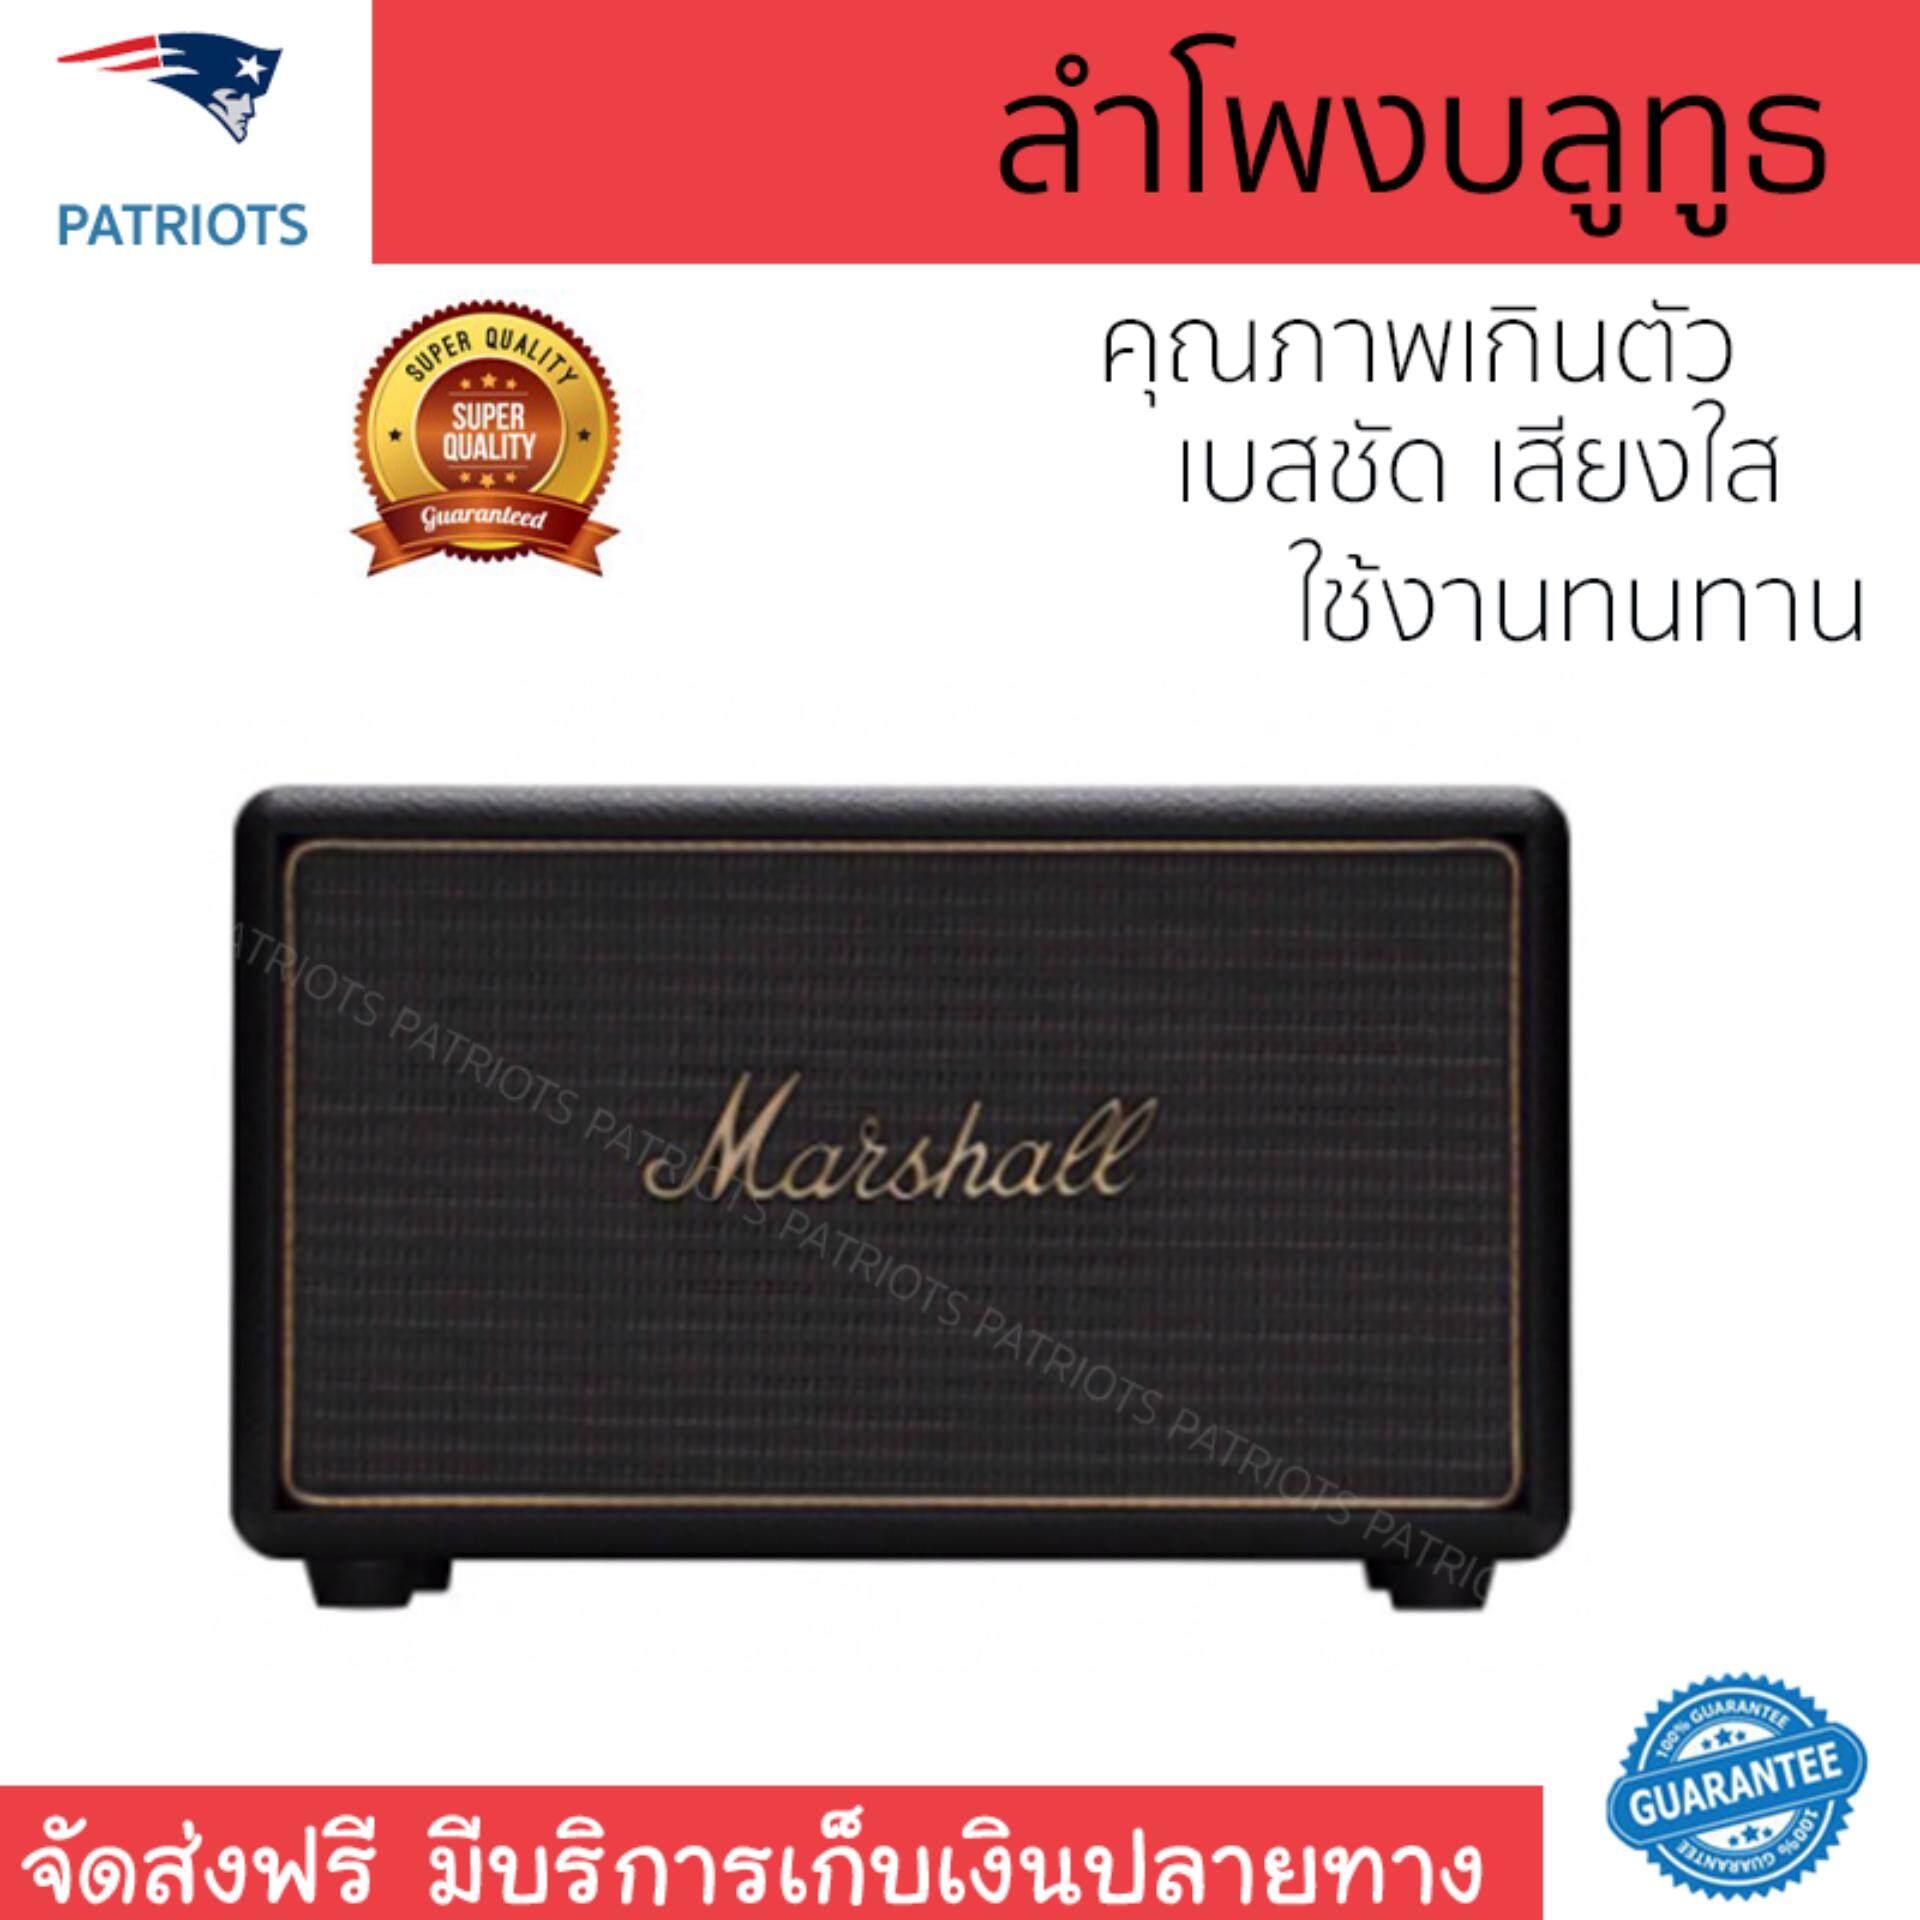 การใช้งาน  จัดส่งฟรี ลำโพงบลูทูธ  Marshall Bluetooth Speaker 2.1 Acton Multi-Room Black เสียงใส คุณภาพเกินตัว Wireless Bluetooth Speaker รับประกัน 1 ปี